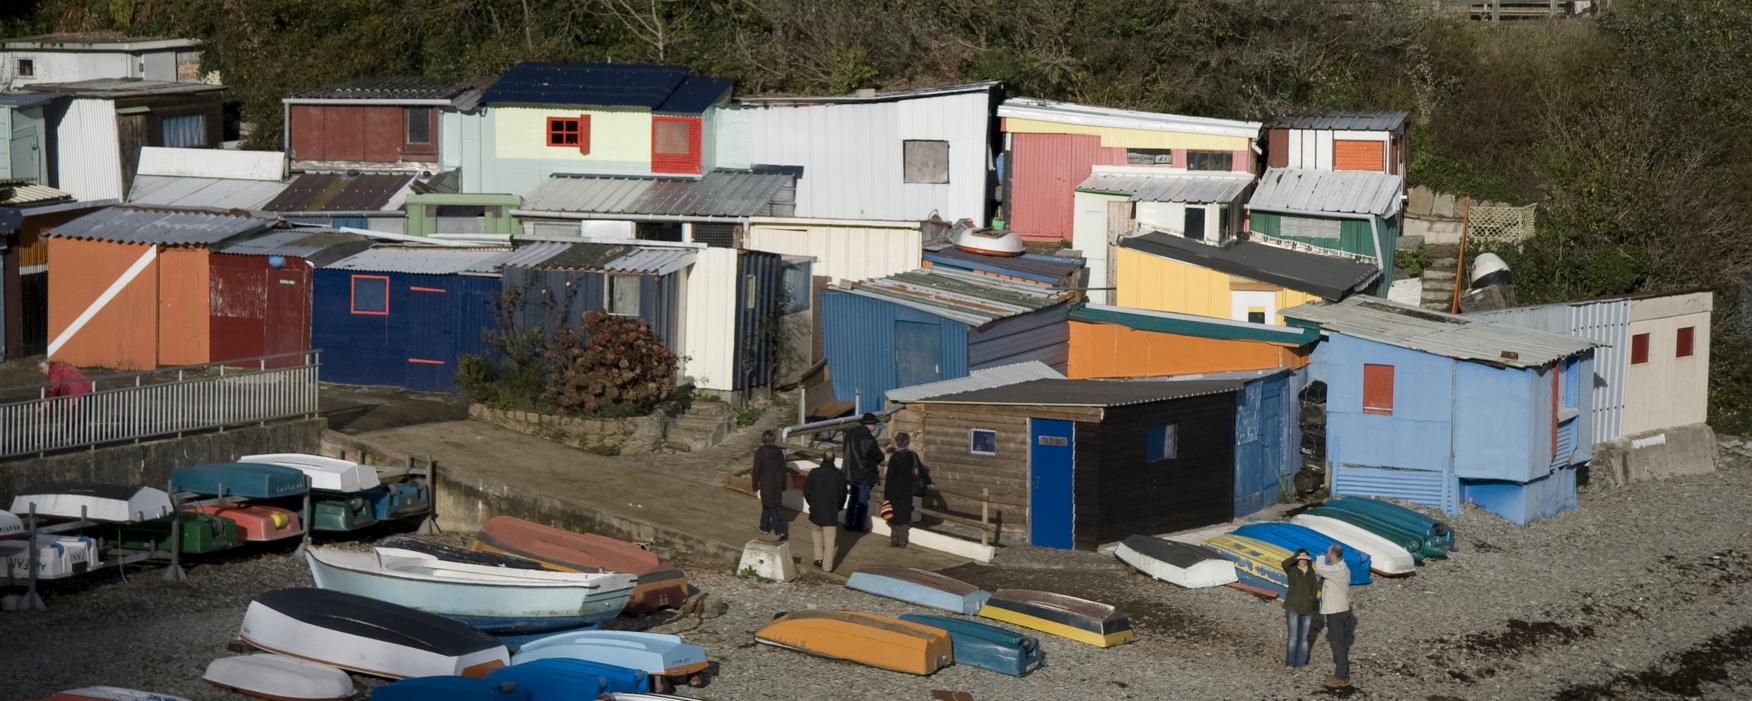 la maison de l ocan brest la maison de la plage with la. Black Bedroom Furniture Sets. Home Design Ideas